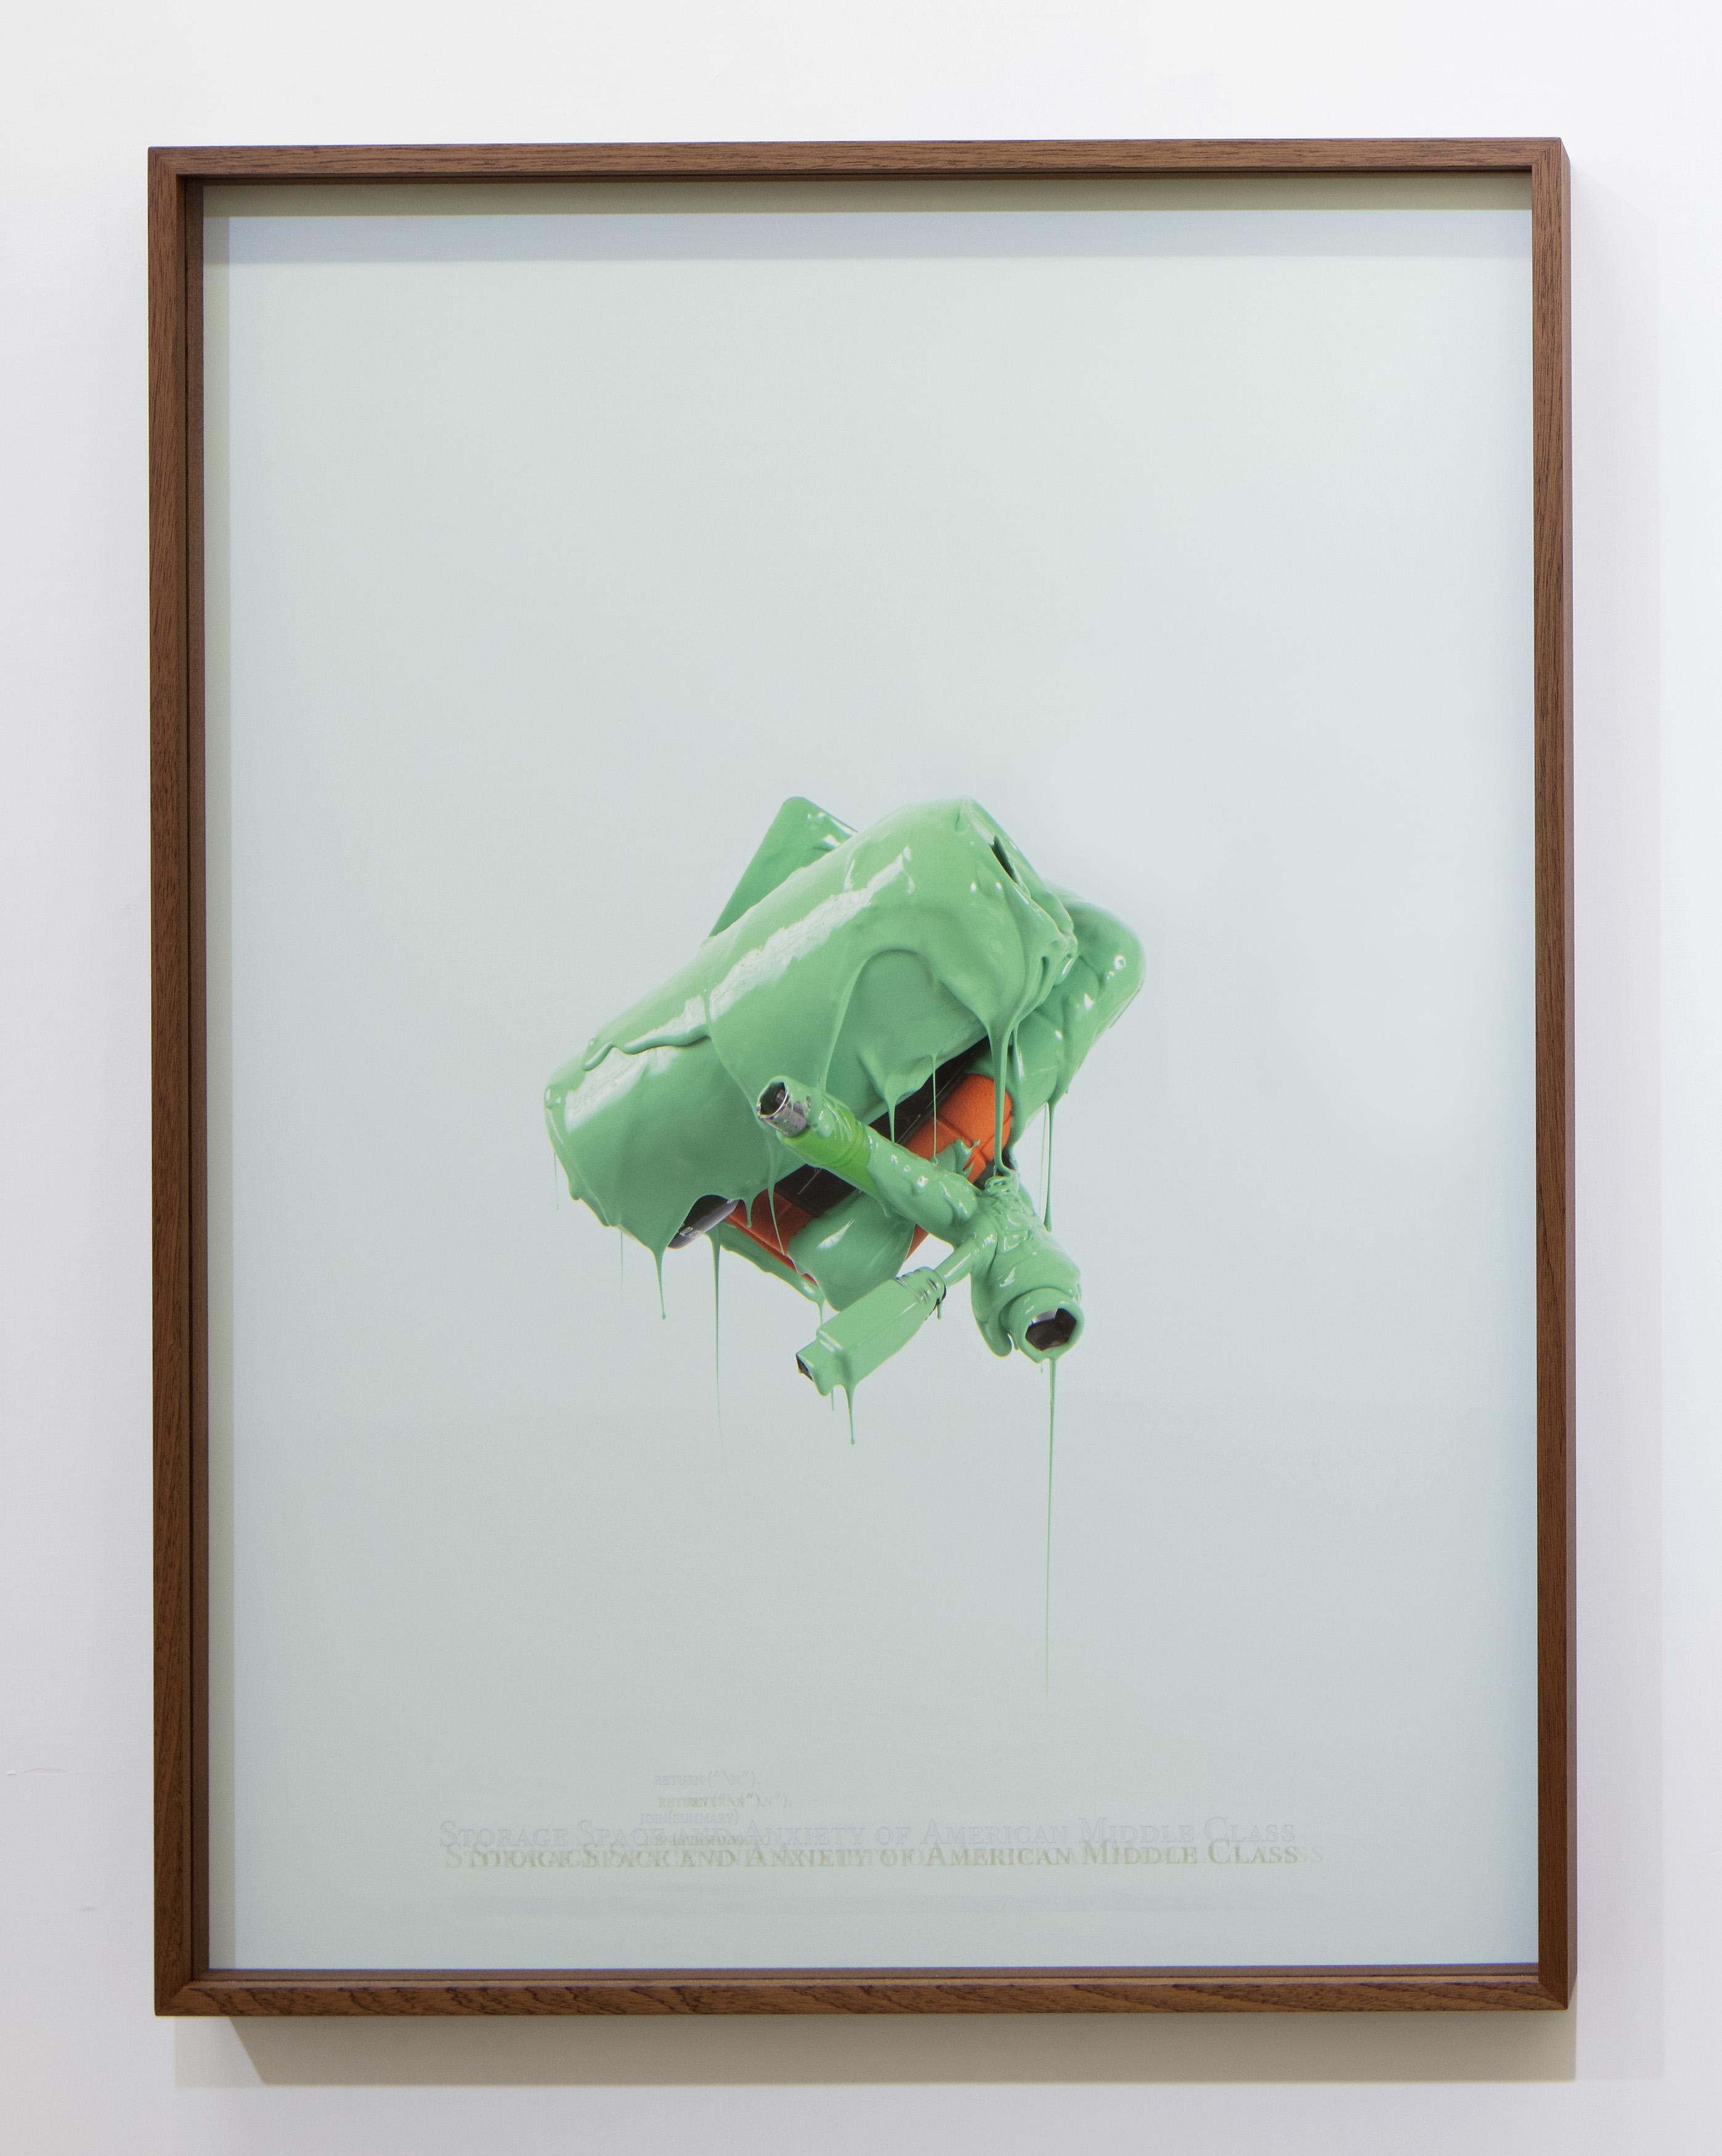 """Danilo Correale: """"When Algorithm Becomes Form #3"""" 2017 – Print on photographic paper and engraved plexiglass – 70x100 cm cm – C.sy Galleria Raucci/Santamaria Napoli/Milano, photo Amedeo Benestante, Napoli"""